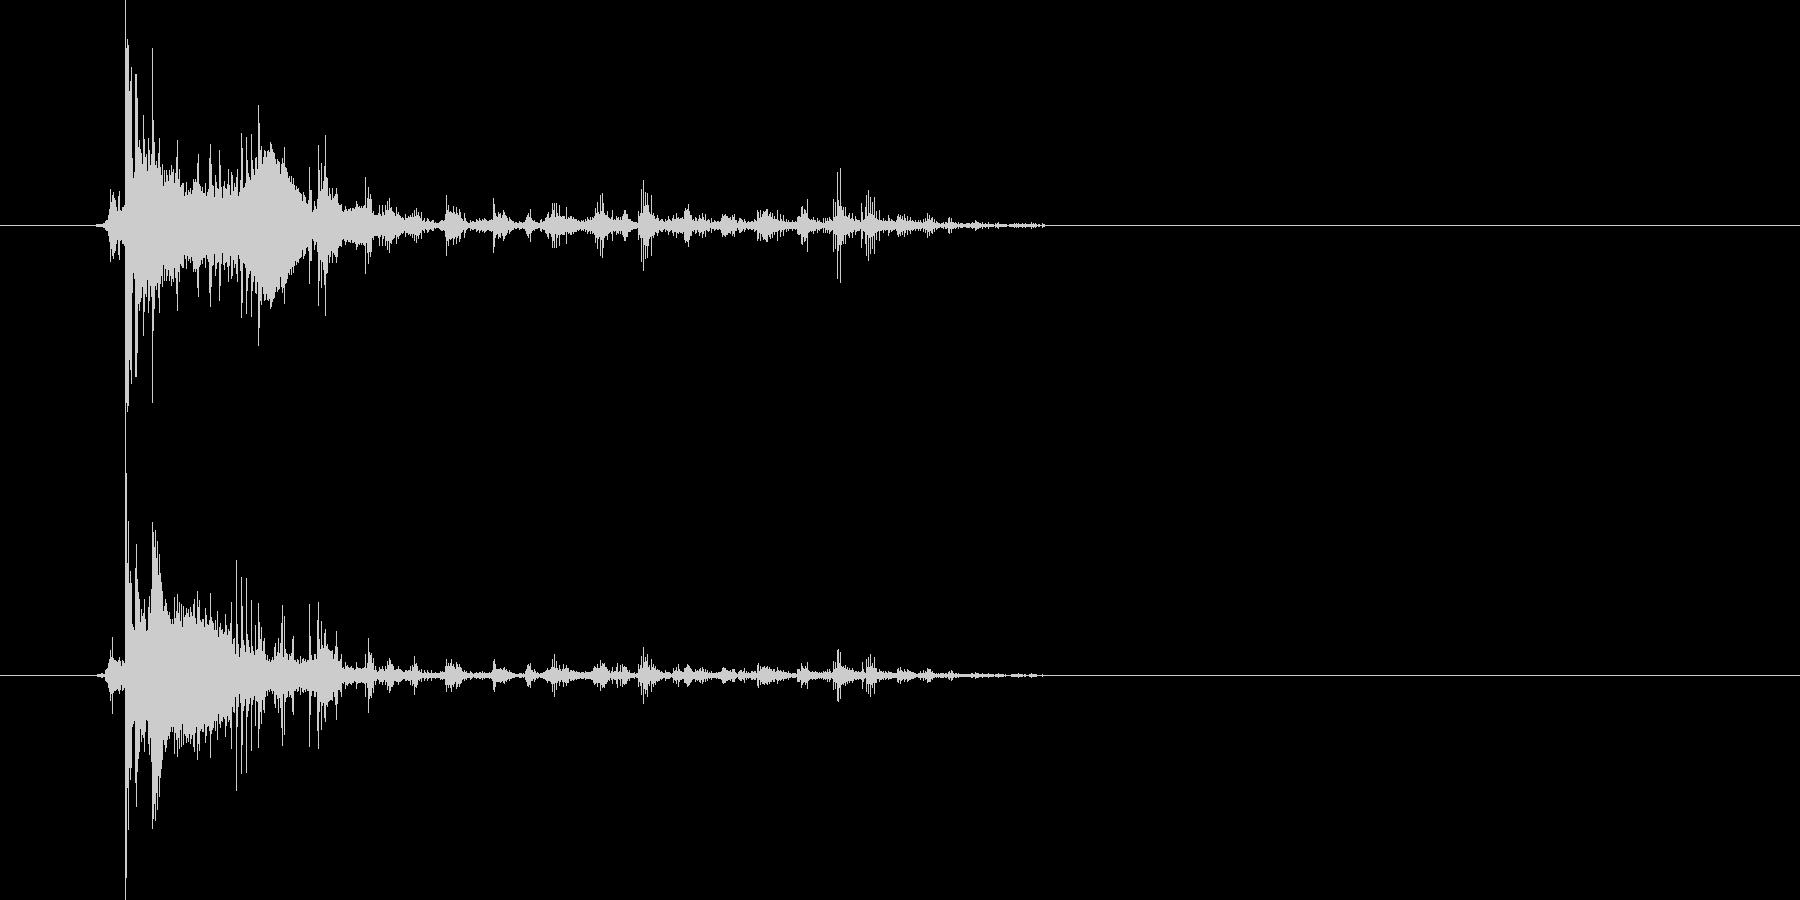 ジャリーーン!コロコロ…長めに転がる音の未再生の波形